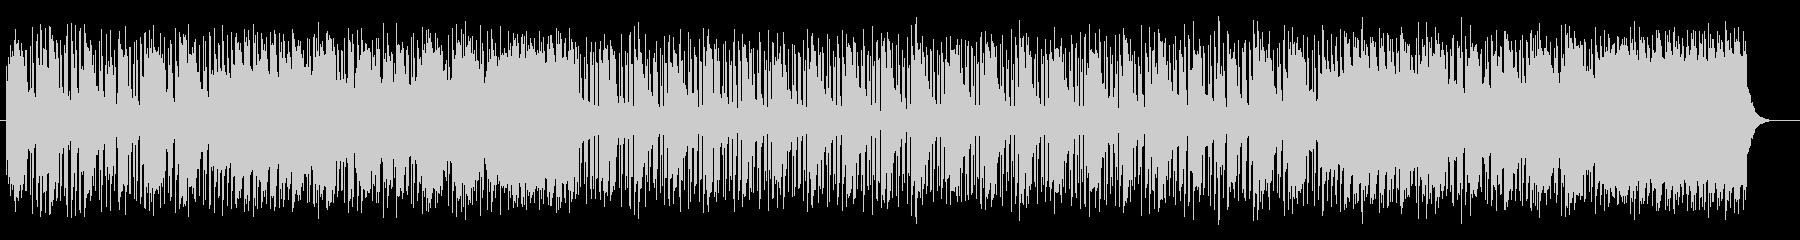 ピアノのイージーリスニング曲の未再生の波形